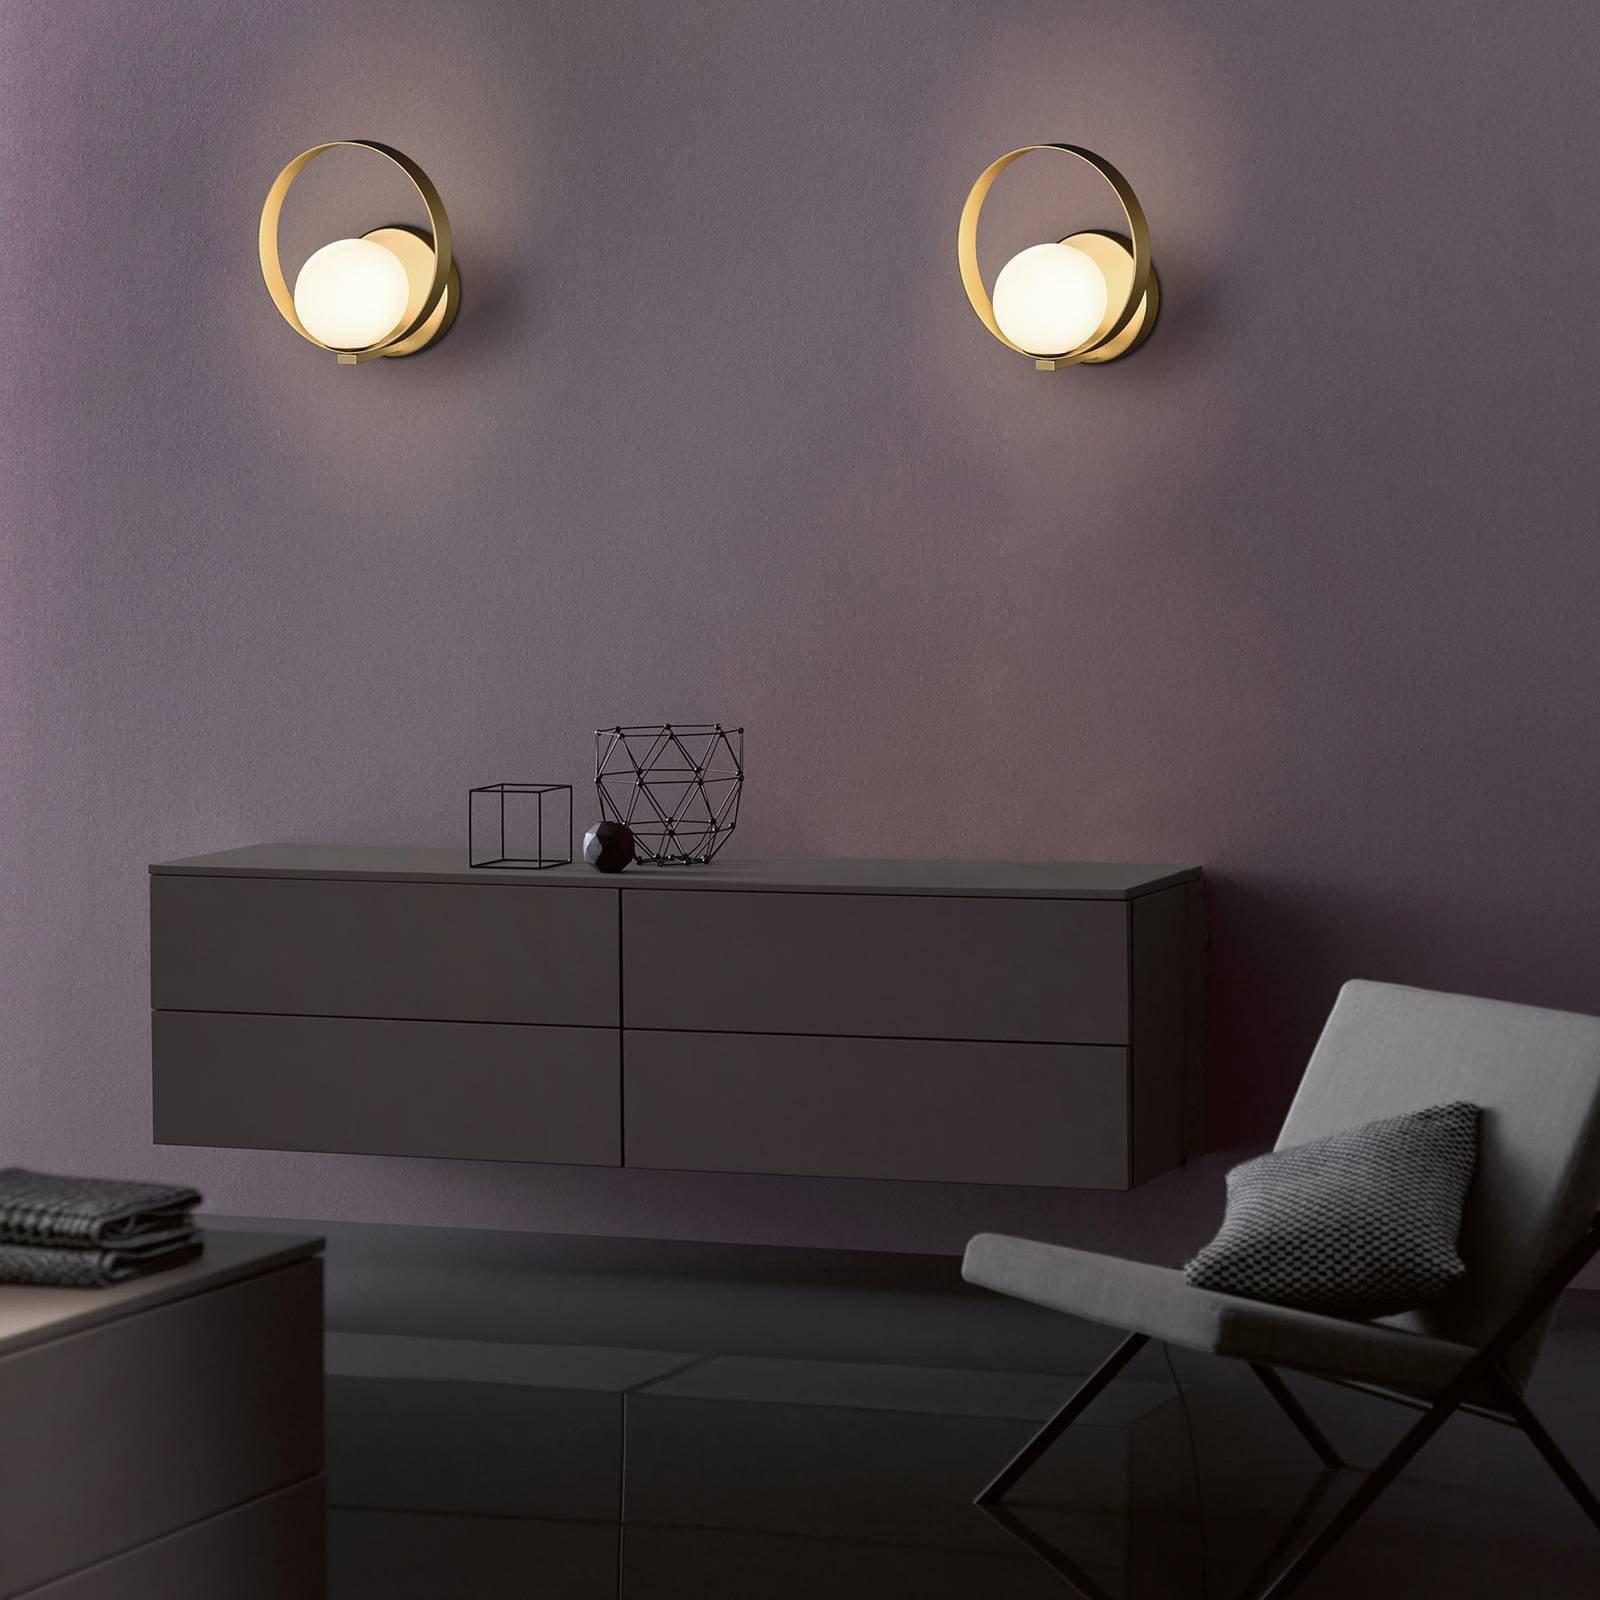 LED-vegglampe Halo, gull og opal